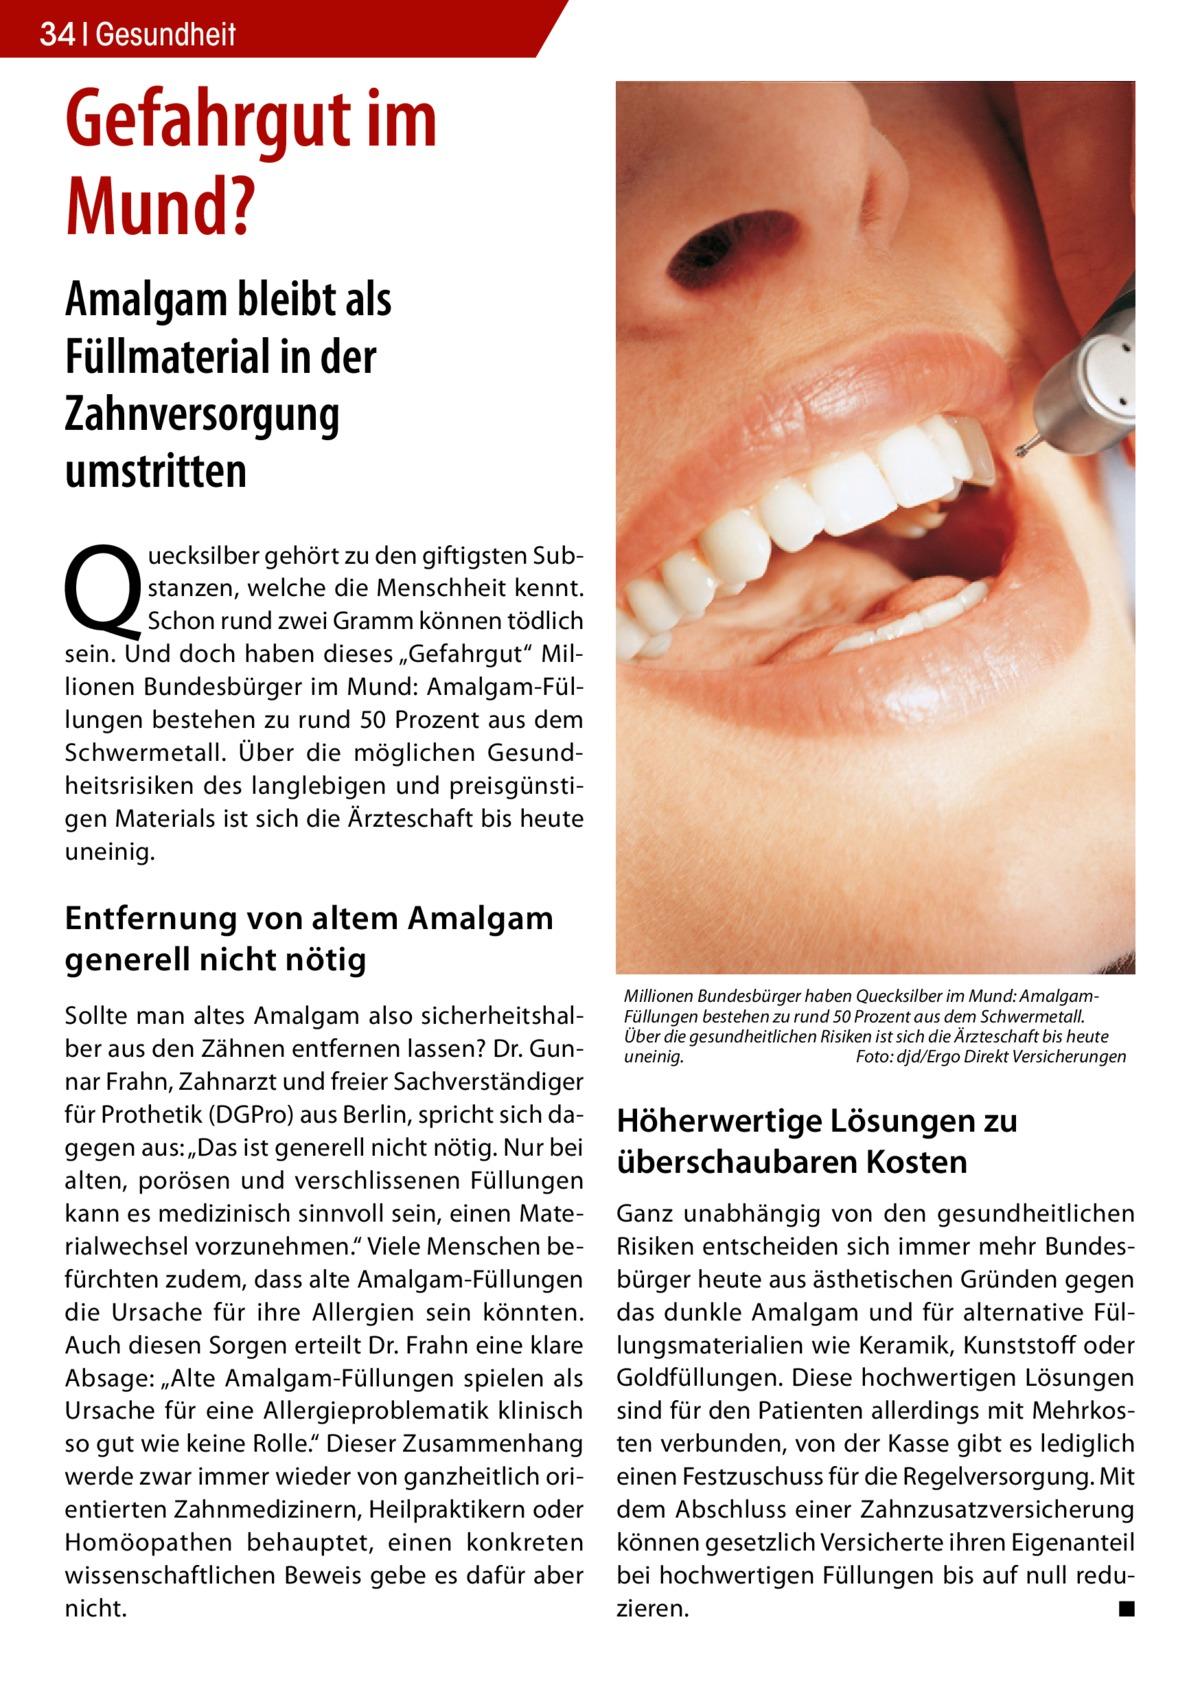 """34 Gesundheit  Gefahrgut im Mund? Amalgam bleibt als Füllmaterial in der Zahnversorgung umstritten  Q  uecksilber gehört zu den giftigsten Substanzen, welche die Menschheit kennt. Schon rund zwei Gramm können tödlich sein. Und doch haben dieses """"Gefahrgut"""" Millionen Bundesbürger im Mund: Amalgam-Füllungen bestehen zu rund 50 Prozent aus dem Schwermetall. Über die möglichen Gesundheitsrisiken des langlebigen und preisgünstigen Materials ist sich die Ärzteschaft bis heute uneinig.  Entfernung von altem Amalgam generell nicht nötig Sollte man altes Amalgam also sicherheitshalber aus den Zähnen entfernen lassen? Dr. Gunnar Frahn, Zahnarzt und freier Sachverständiger für Prothetik (DGPro) aus Berlin, spricht sich dagegen aus: """"Das ist generell nicht nötig. Nur bei alten, porösen und verschlissenen Füllungen kann es medizinisch sinnvoll sein, einen Materialwechsel vorzunehmen."""" Viele Menschen befürchten zudem, dass alte Amalgam-Füllungen die Ursache für ihre Allergien sein könnten. Auch diesen Sorgen erteilt Dr. Frahn eine klare Absage: """"Alte Amalgam-Füllungen spielen als Ursache für eine Allergieproblematik klinisch so gut wie keine Rolle."""" Dieser Zusammenhang werde zwar immer wieder von ganzheitlich orientierten Zahnmedizinern, Heilpraktikern oder Homöopathen behauptet, einen konkreten wissenschaftlichen Beweis gebe es dafür aber nicht.  Millionen Bundesbürger haben Quecksilber im Mund: AmalgamFüllungen bestehen zu rund 50 Prozent aus dem Schwermetall. Über die gesundheitlichen Risiken ist sich die Ärzteschaft bis heute uneinig.� Foto: djd/Ergo Direkt Versicherungen  Höherwertige Lösungen zu überschaubaren Kosten Ganz unabhängig von den gesundheitlichen Risiken entscheiden sich immer mehr Bundesbürger heute aus ästhetischen Gründen gegen das dunkle Amalgam und für alternative Füllungsmaterialien wie Keramik, Kunststoff oder Goldfüllungen. Diese hochwertigen Lösungen sind für den Patienten allerdings mit Mehrkosten verbunden, von der Kasse gibt es lediglich einen Festzus"""